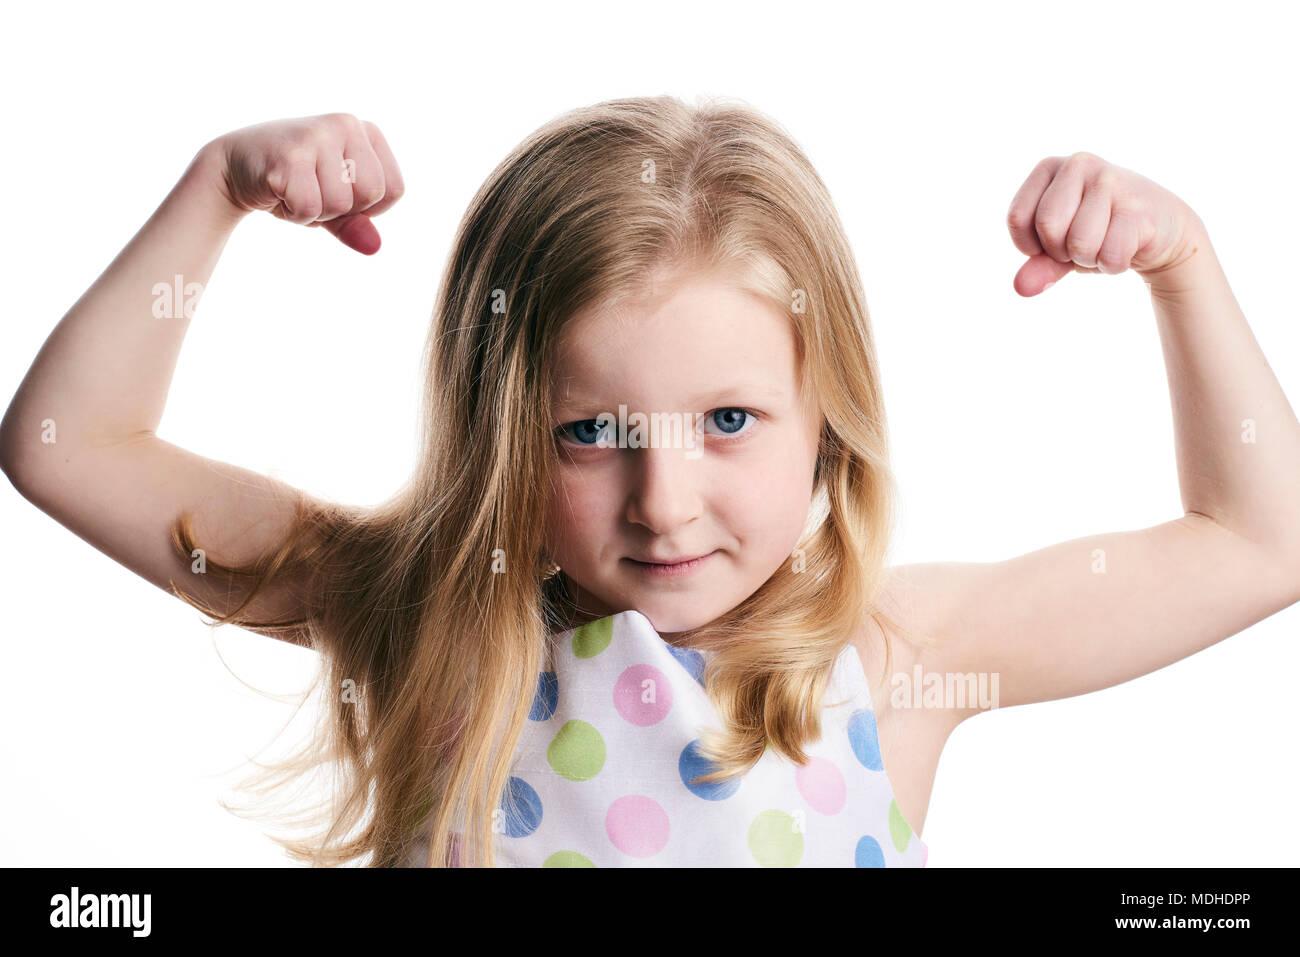 Ein junges Mädchen mit blonden Haaren zeigt Ihre Muskeln auf weißem Hintergrund Stockbild